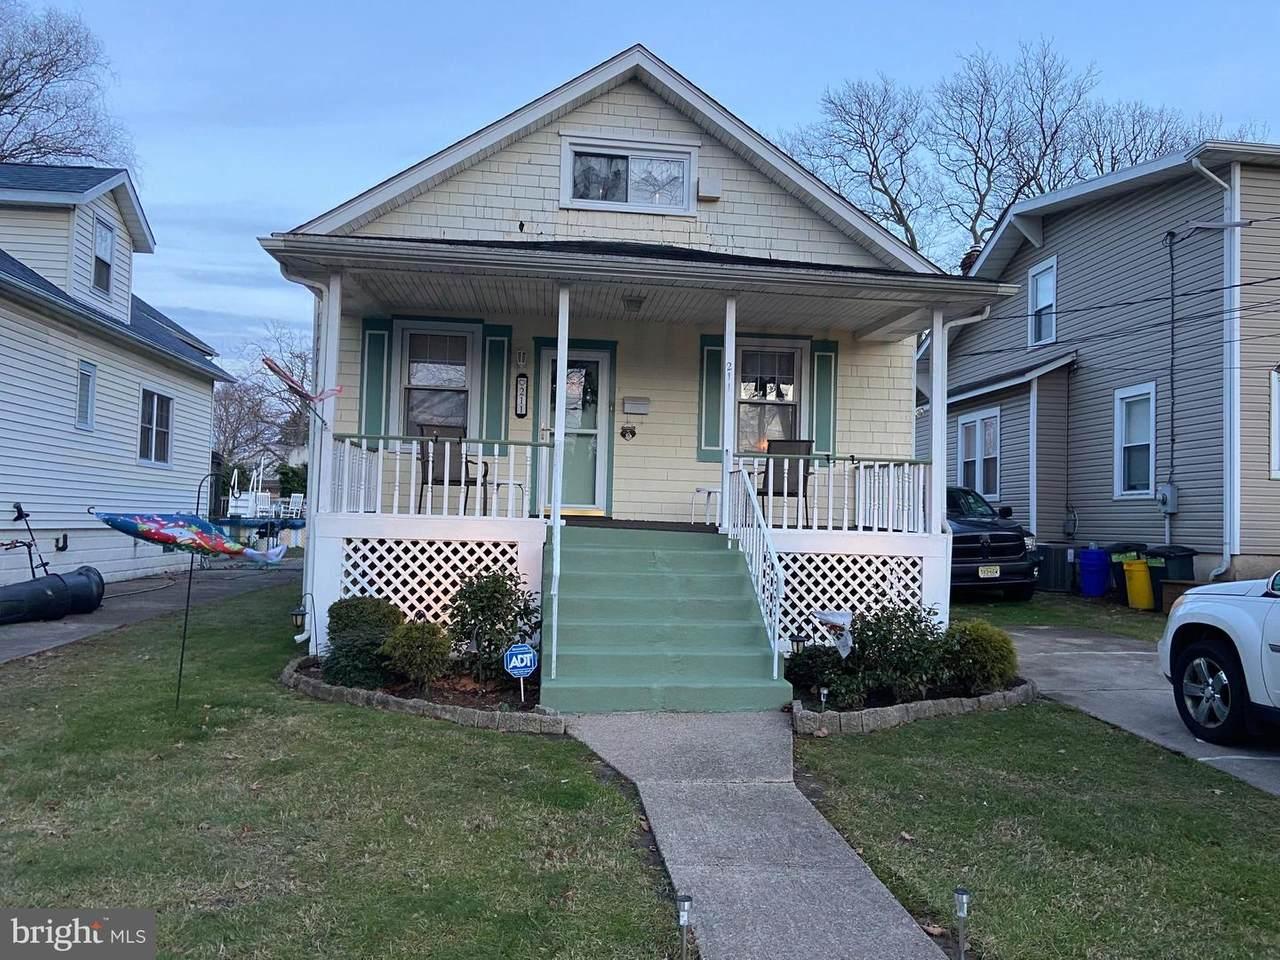 211 Glenwood Avenue - Photo 1